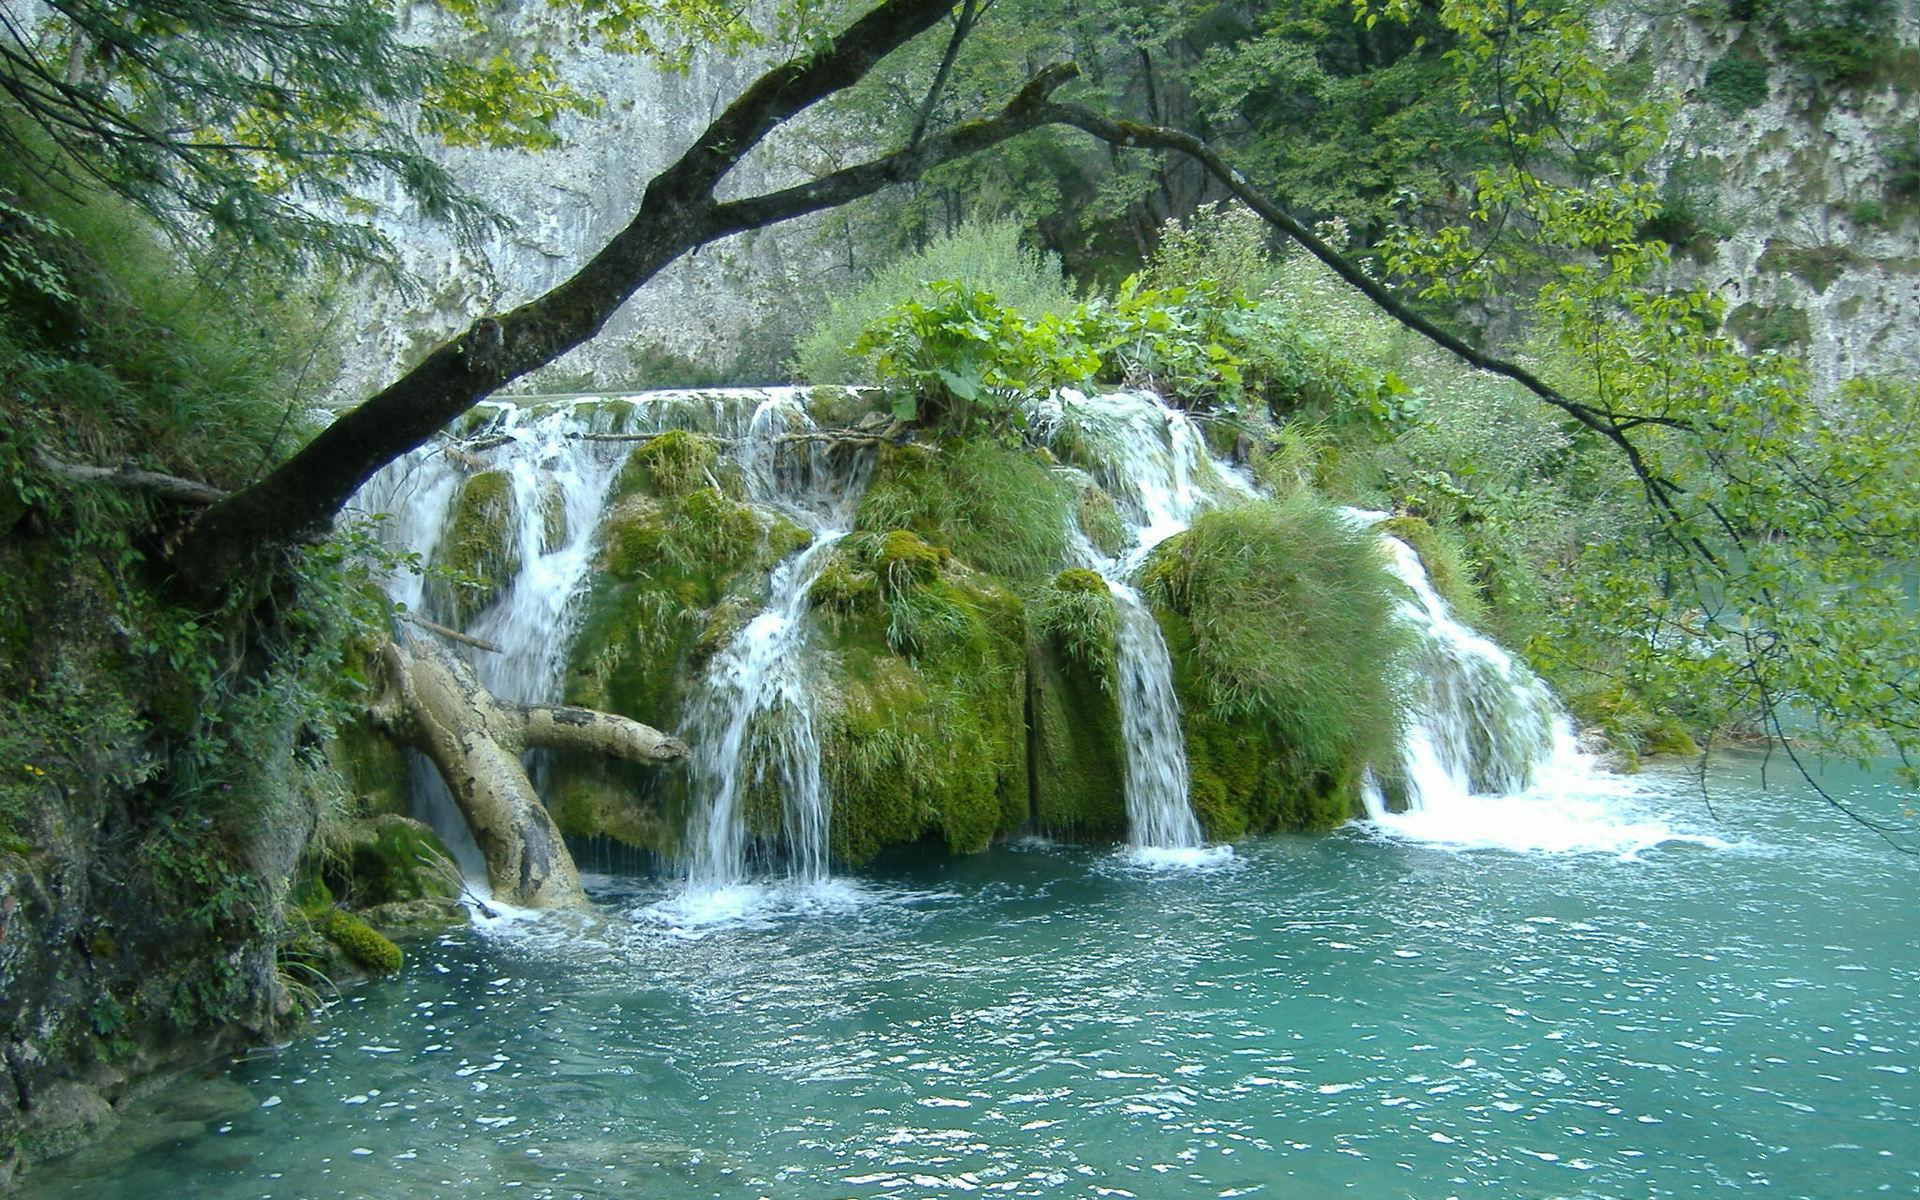 природа река водопад деревья  № 2490181 загрузить